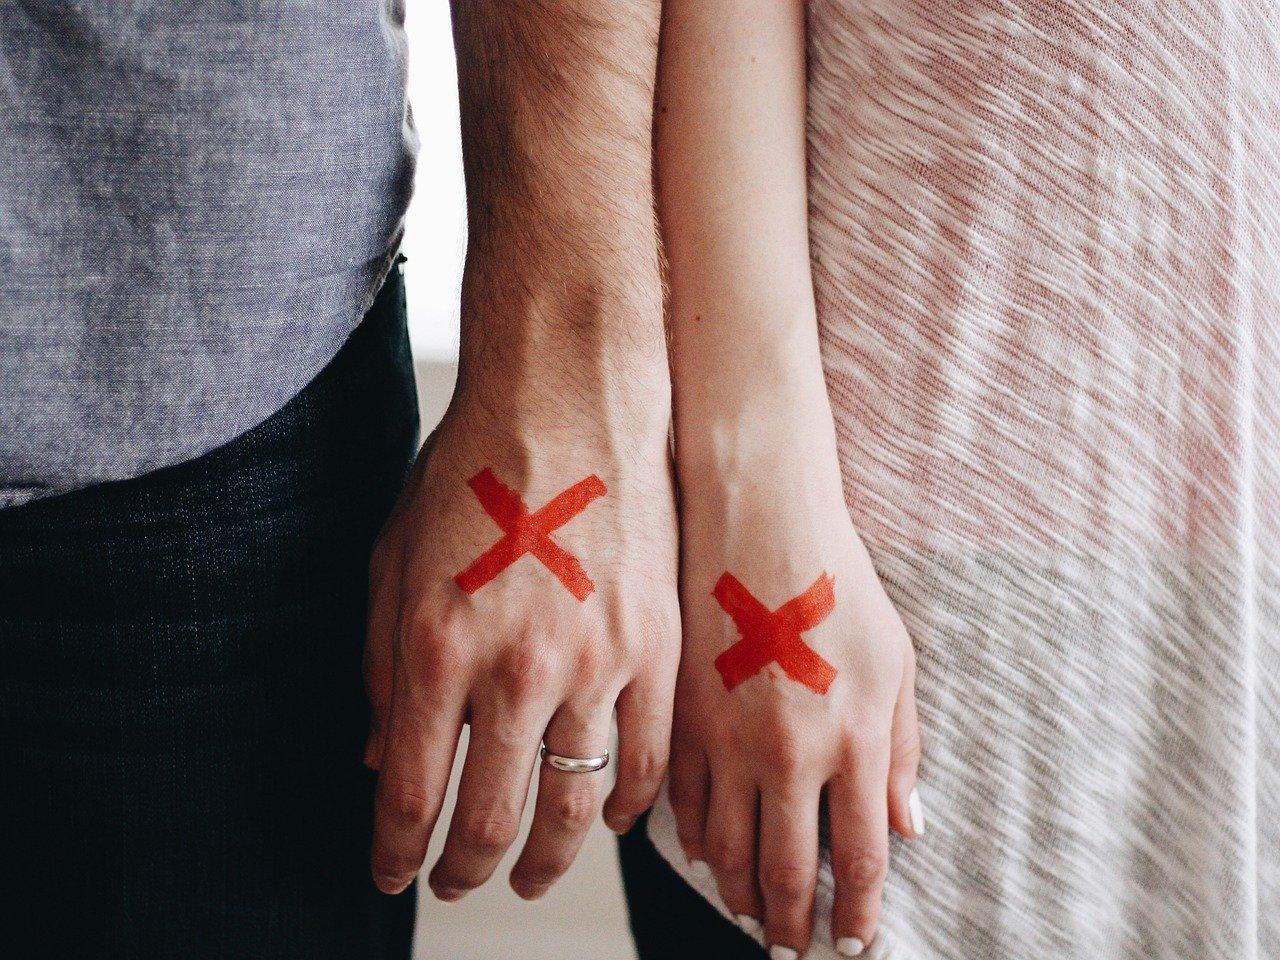 Психолог рассказал, как сохранить отношения в самоизоляции